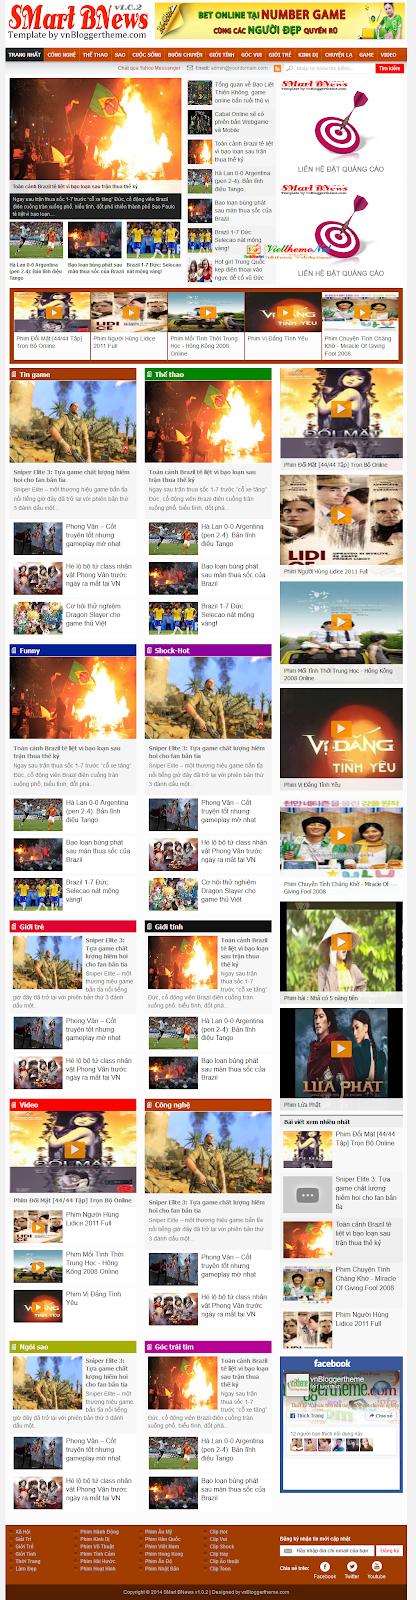 SMart BNewsv1.0.2 - Template tin tức phien bản 2 dành cho Blogspot